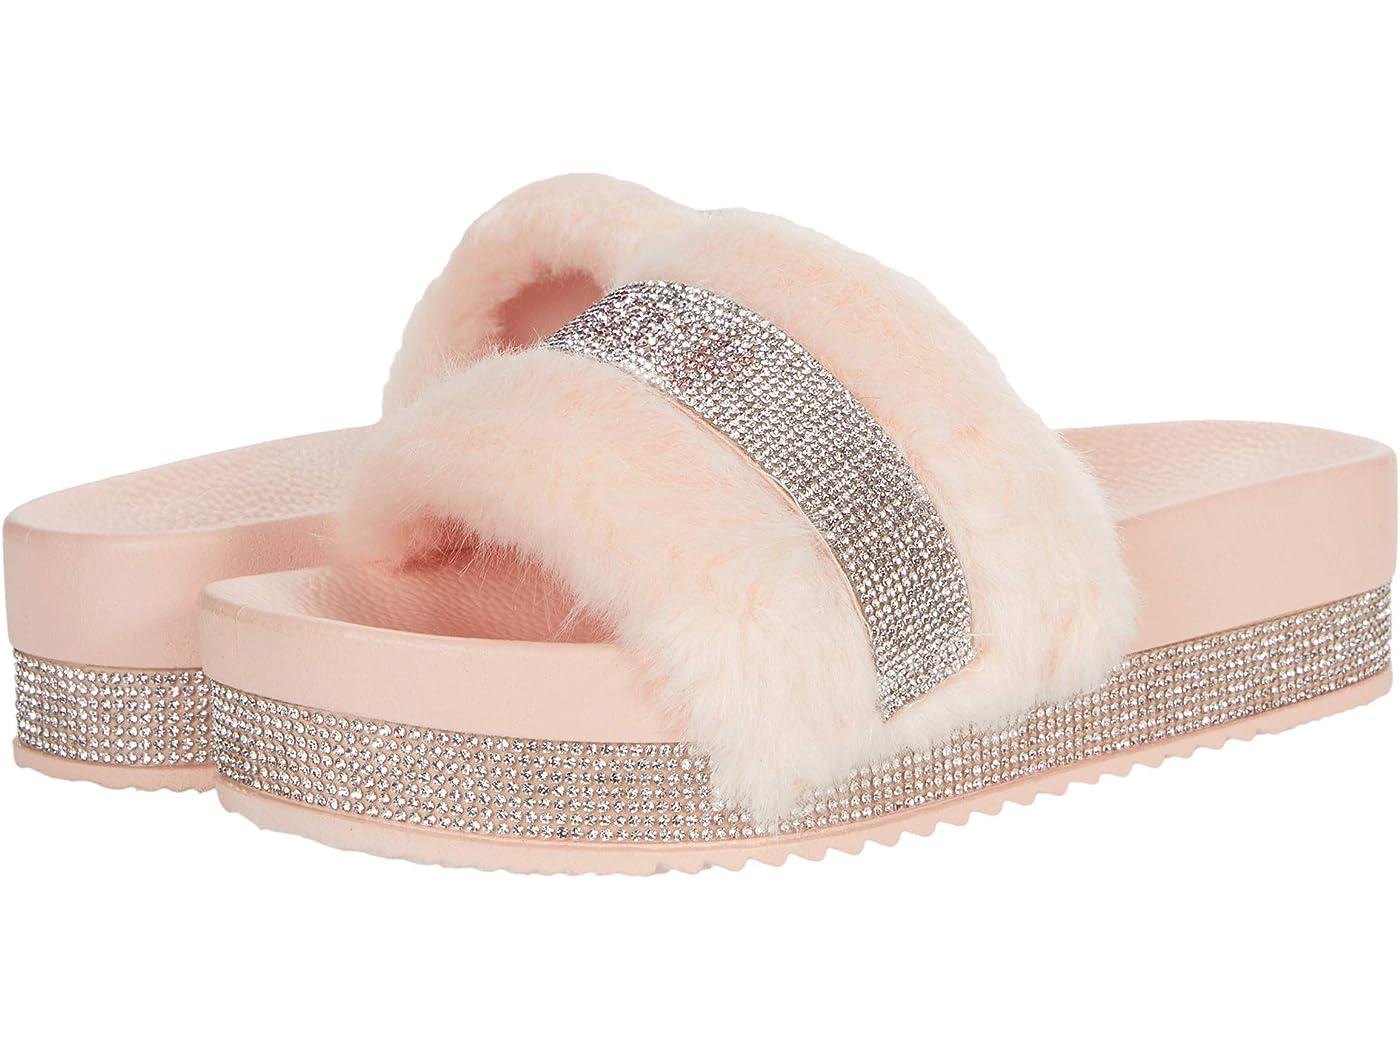 Juicy Couture Orbit